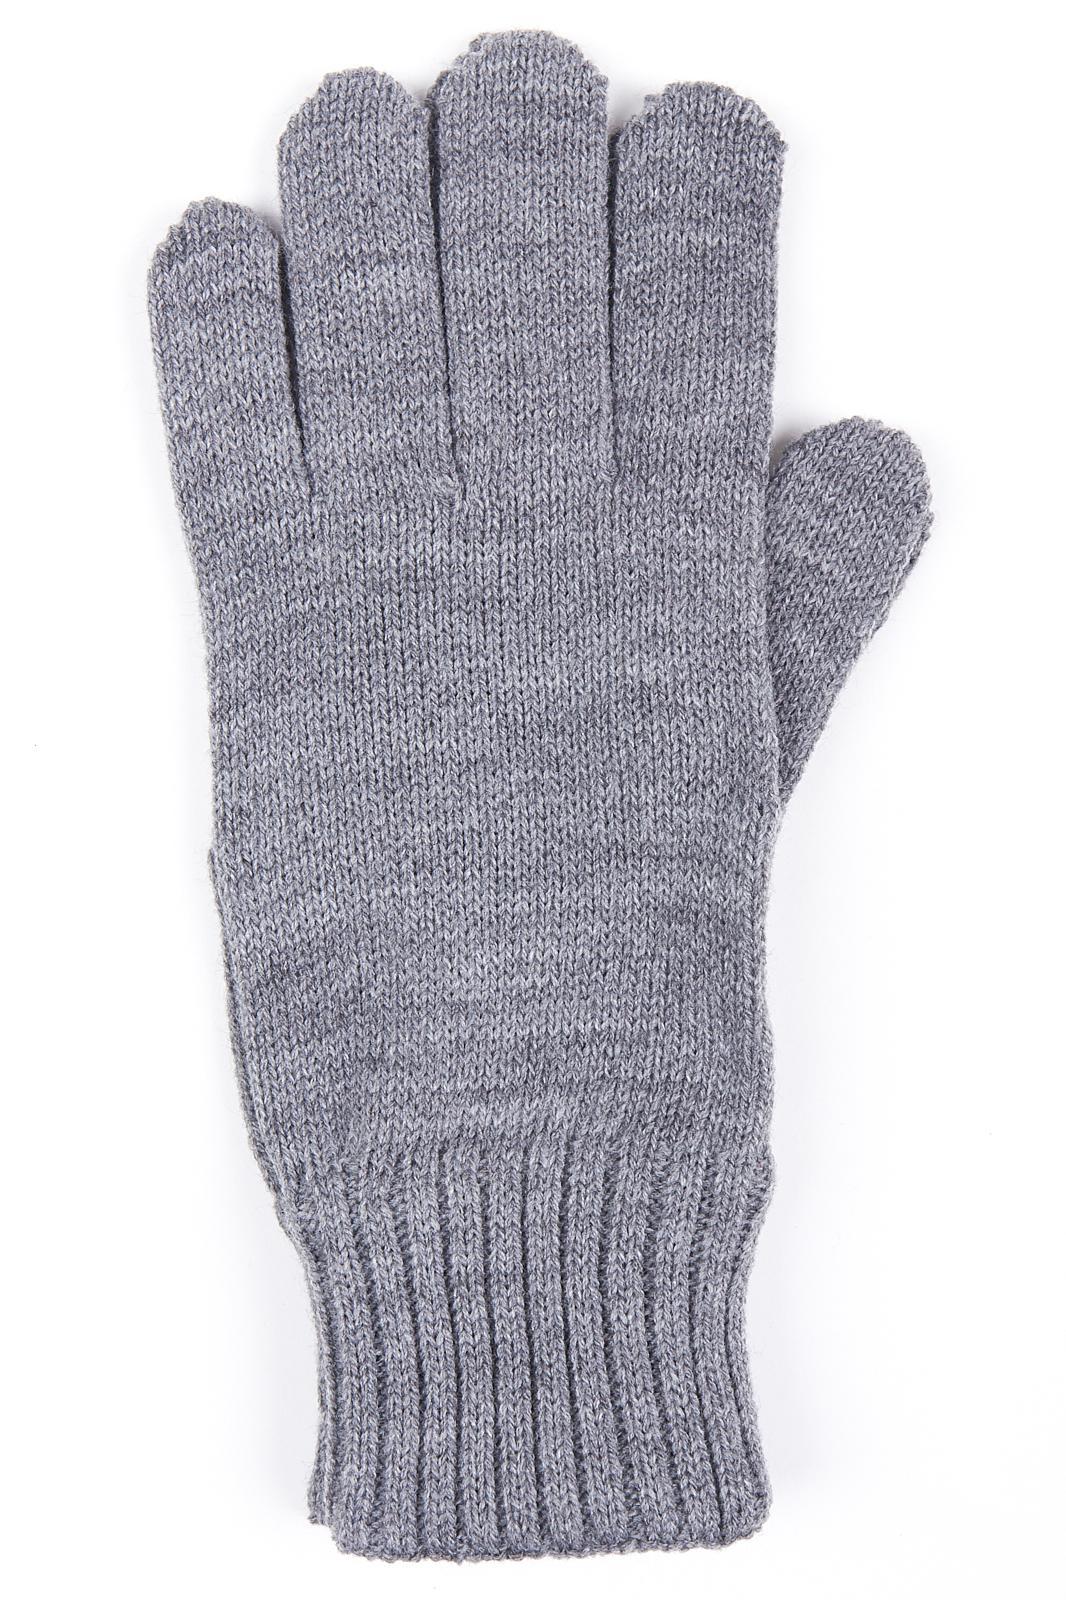 Купить со скидкой Перчатки Полесье